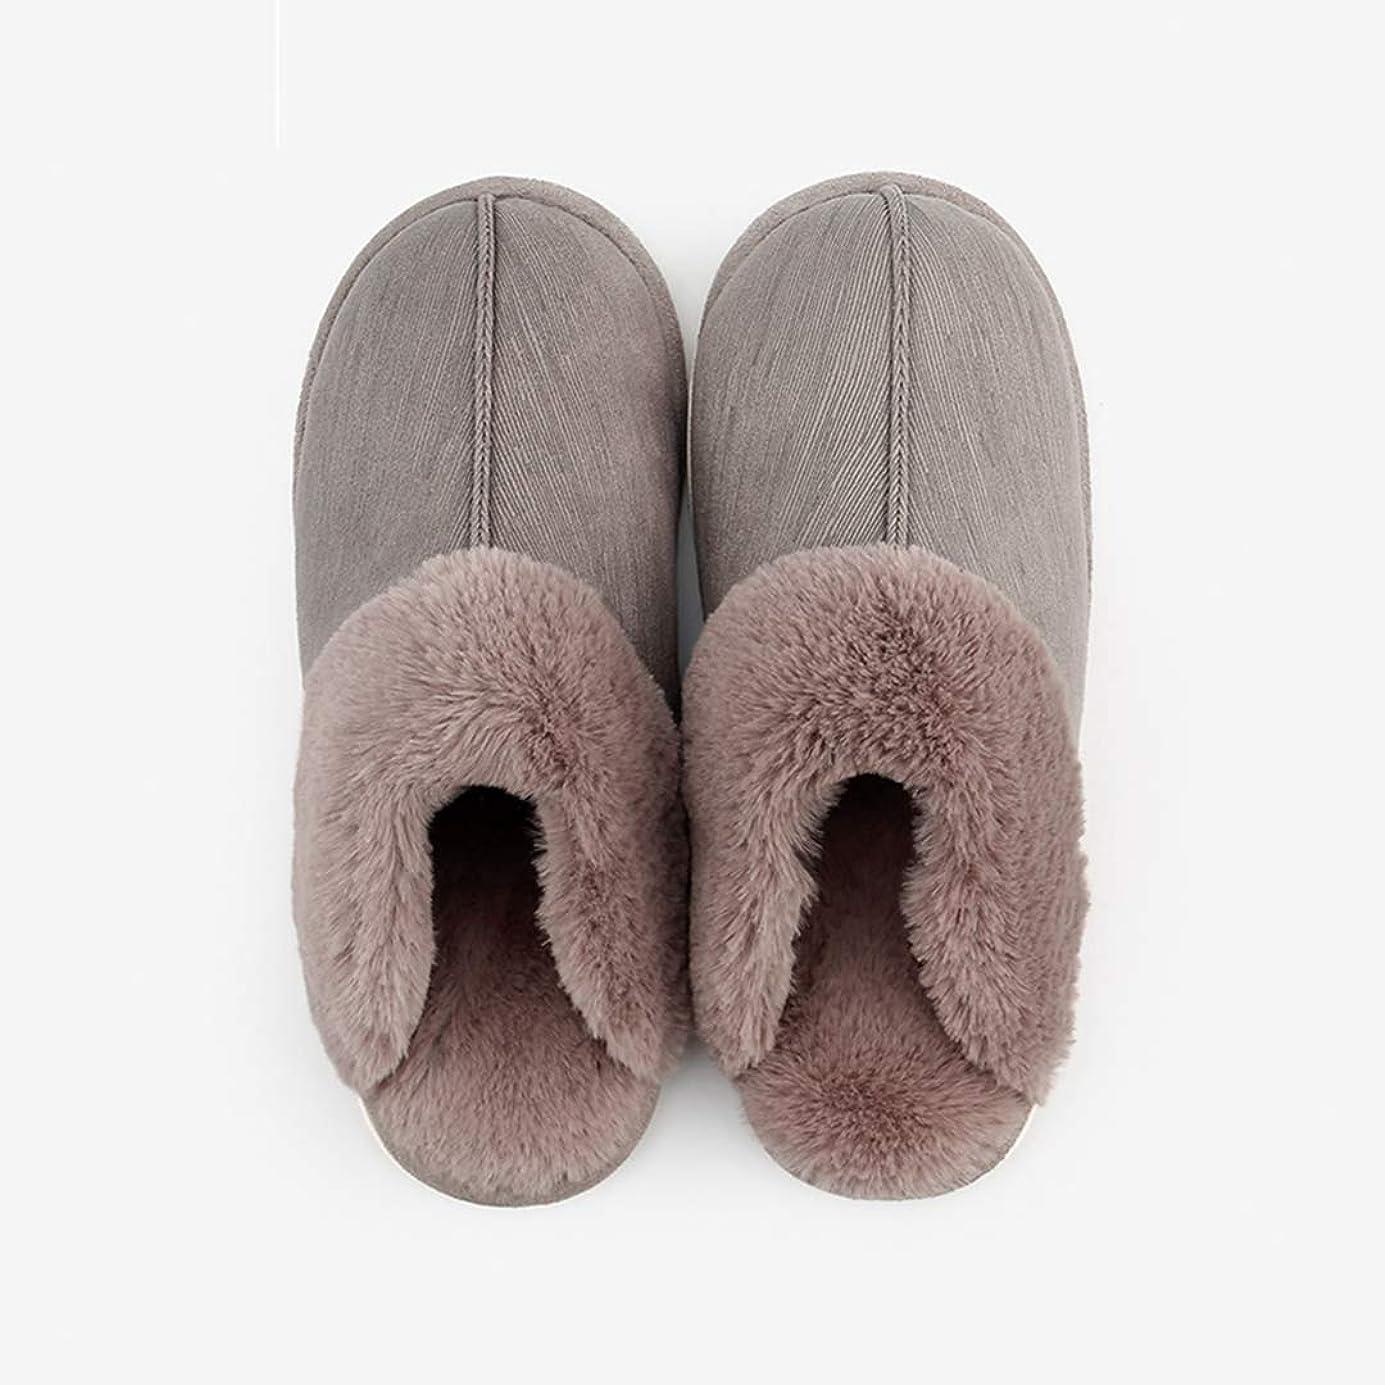 不測の事態枯渇ベールボアスリッパ レディース メンズ ルームシューズ 冬 コットン 室内 暖かい カップル 冬 滑り止め シンプル カジュアル ピンク グレー